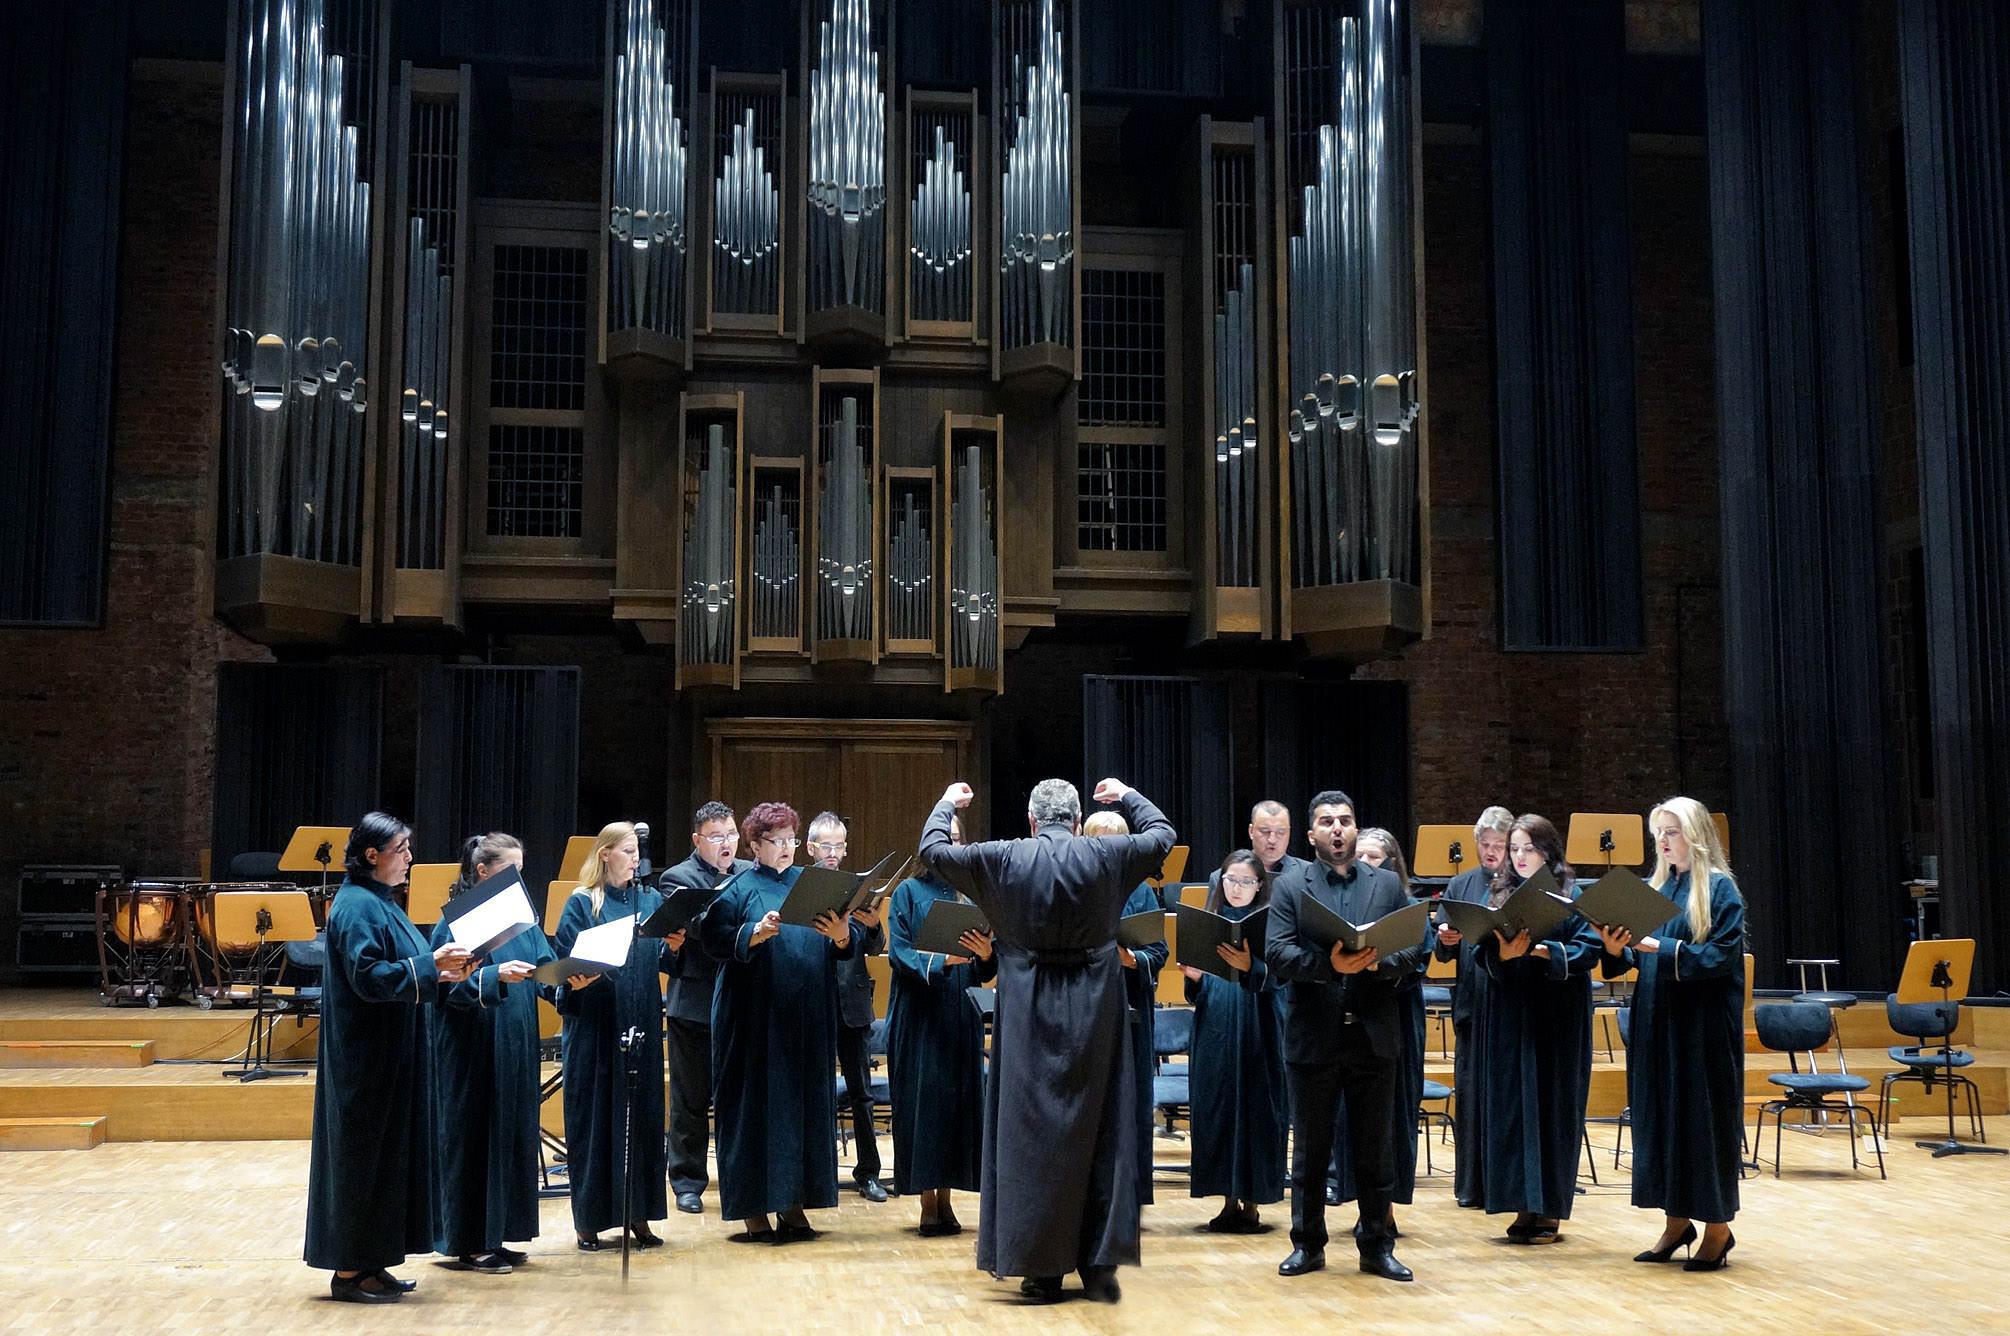 Chór Prawosławnej Katedry pw. Przemienienia Pańskiego w Lublinie na koncercie galowym III edycji festiwalu